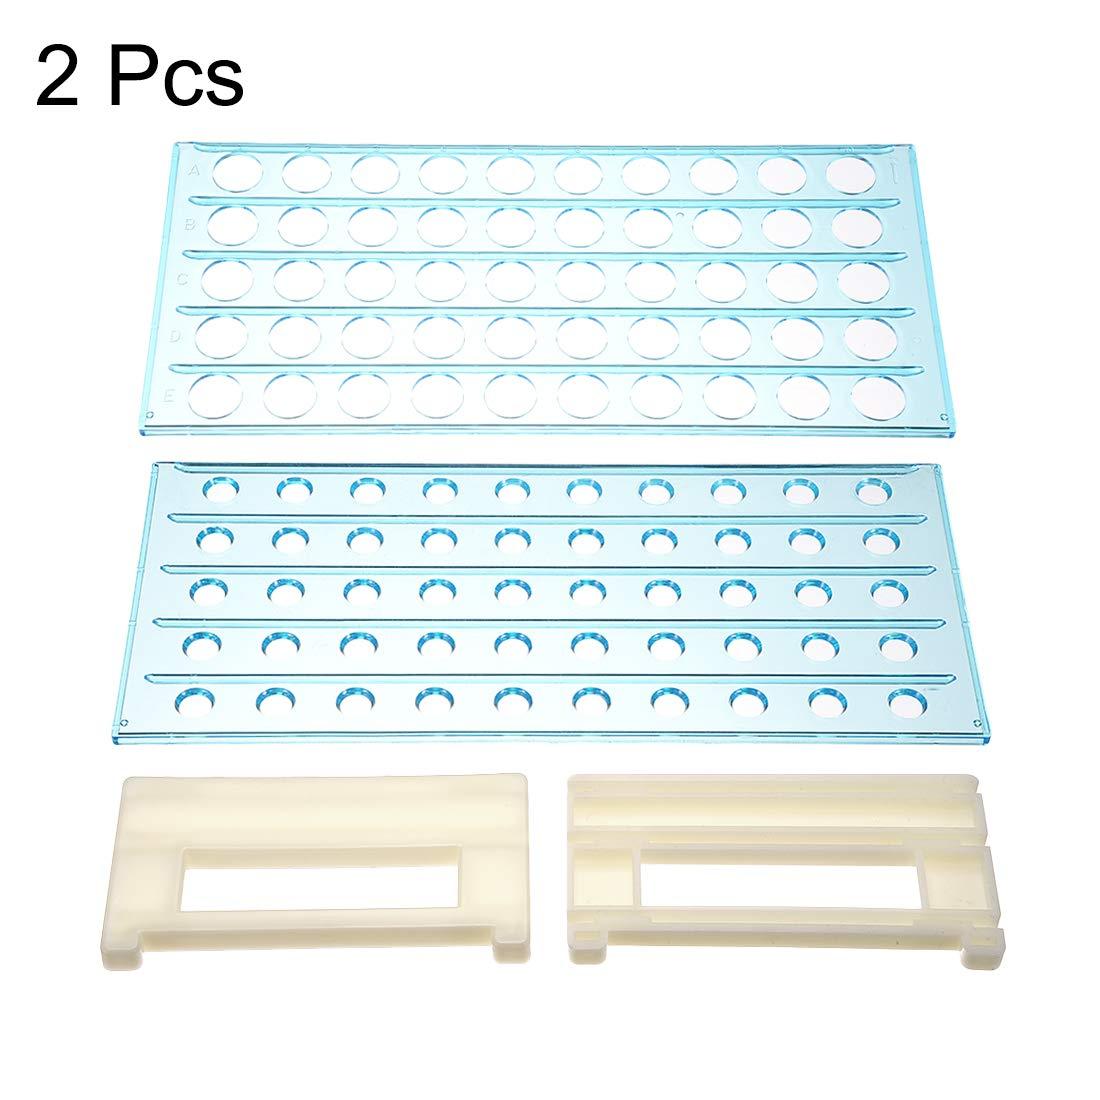 80 unidades Juego de 2 tubos de polipropileno Sourcingmap 40-Well color azul oscuro